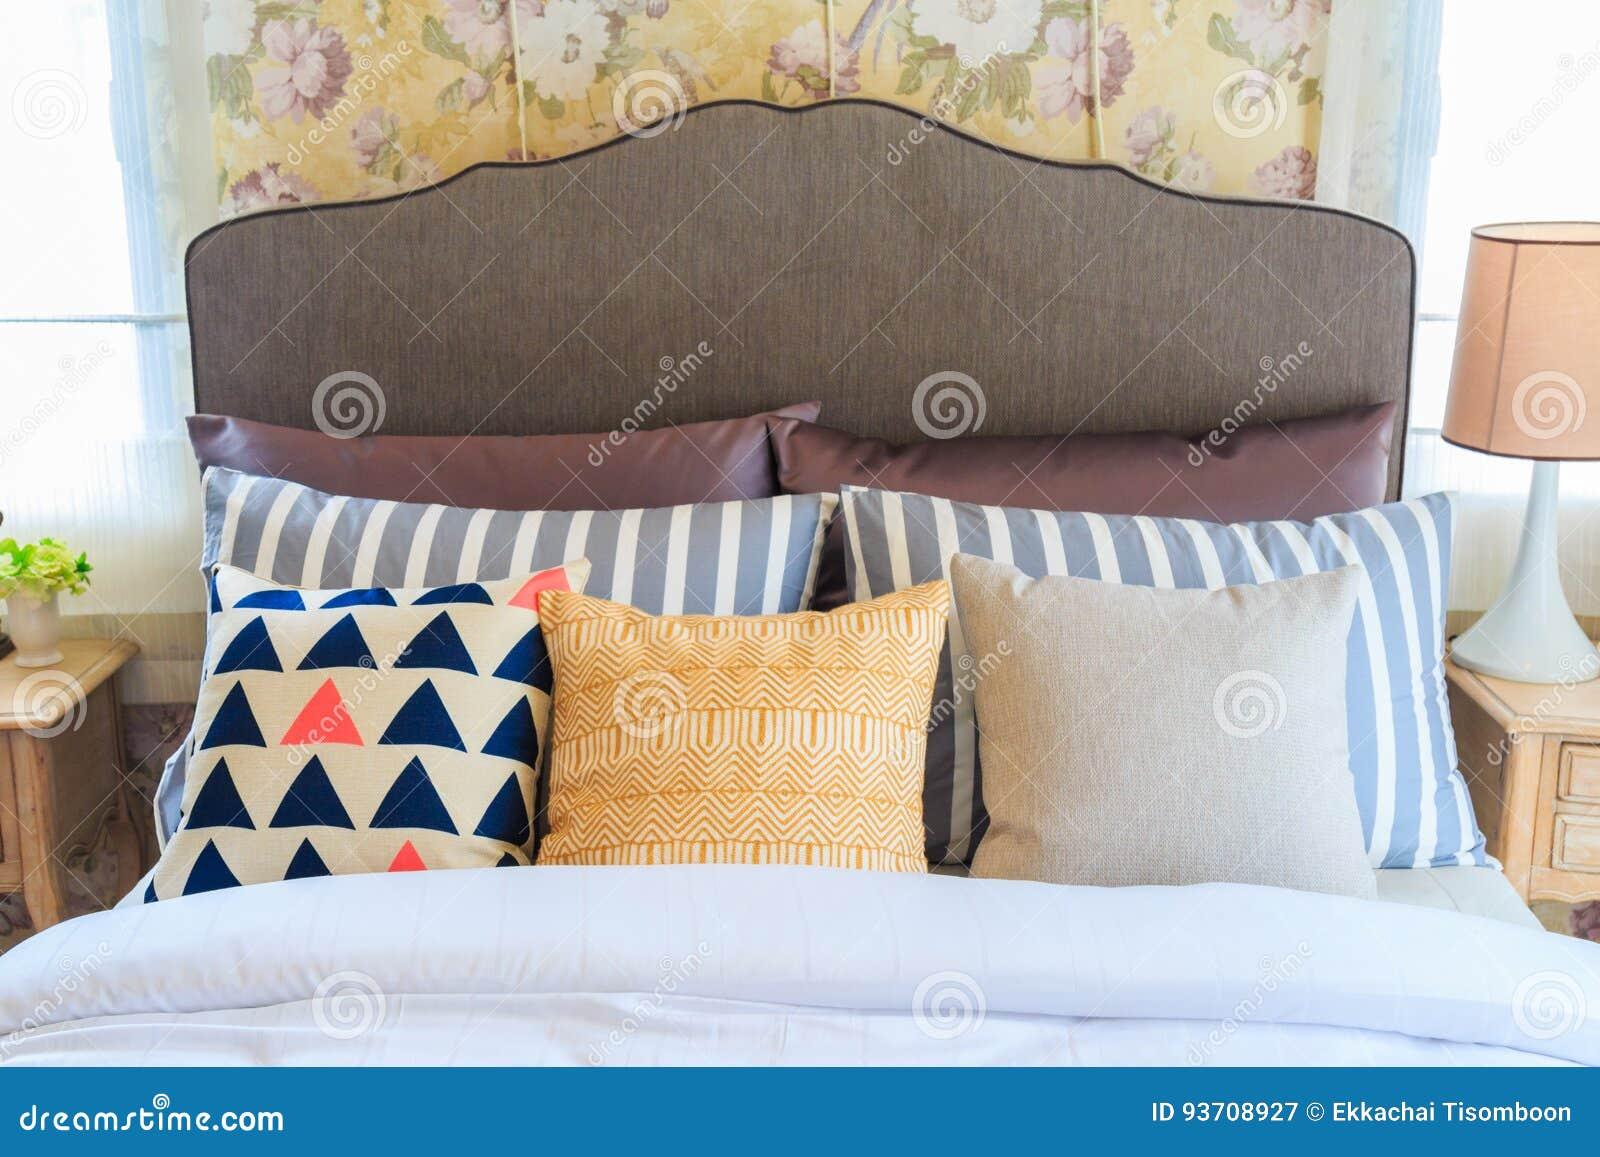 Molti cuscini sul letto e sulle lampade della testata del letto